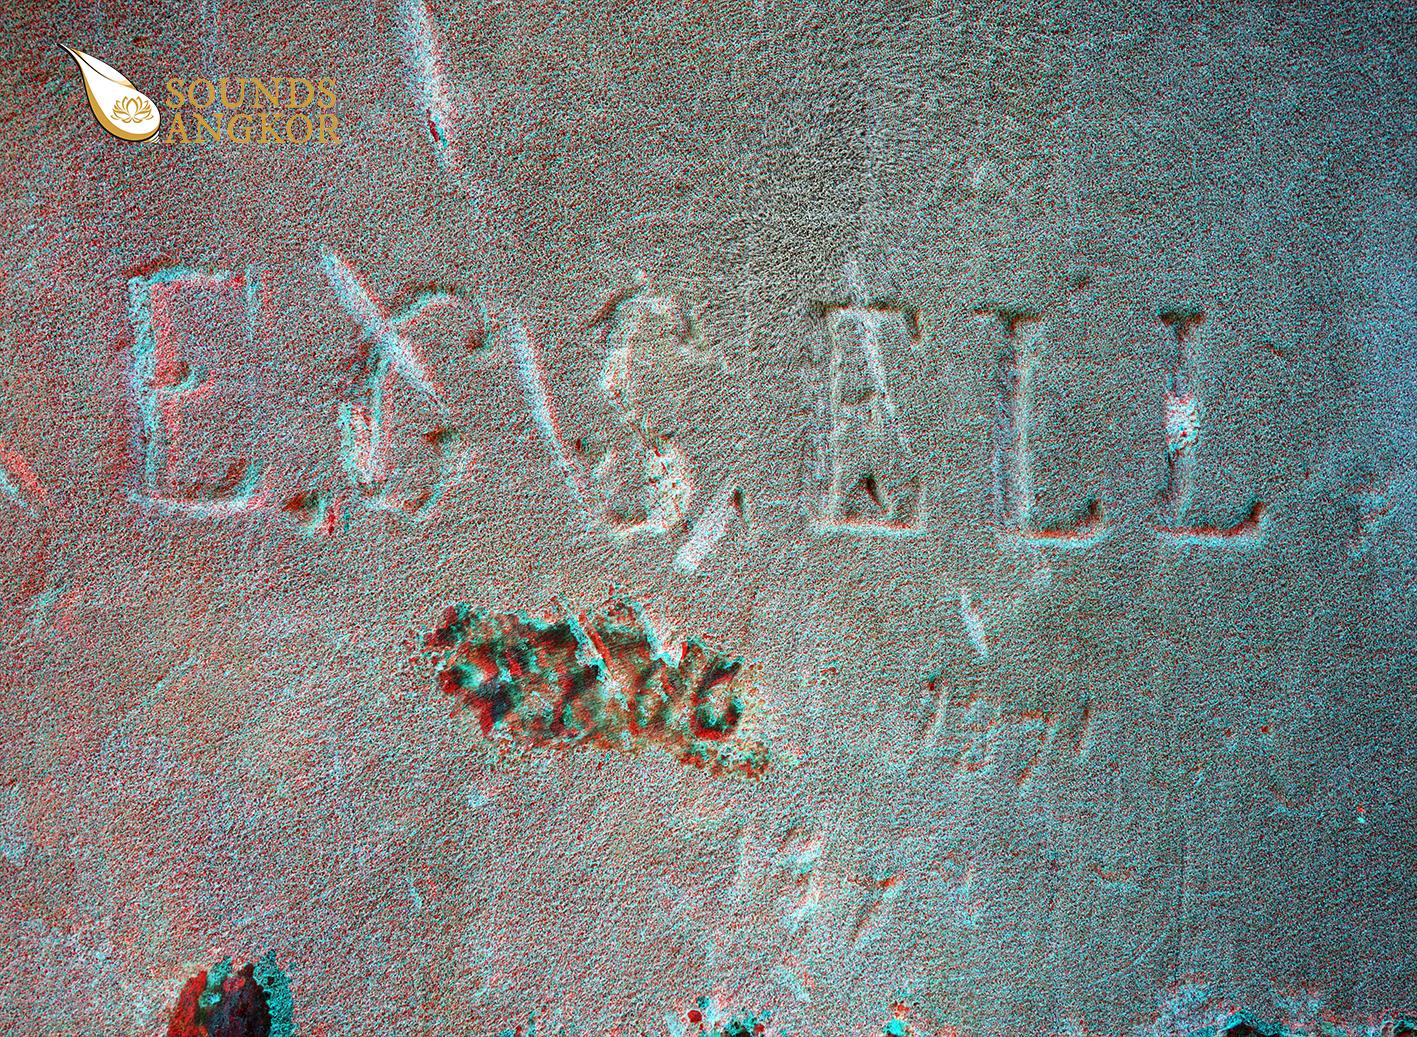 Autographe format anaglyphe nécessitant des lunettes rouge et bleu pour voir le relief.